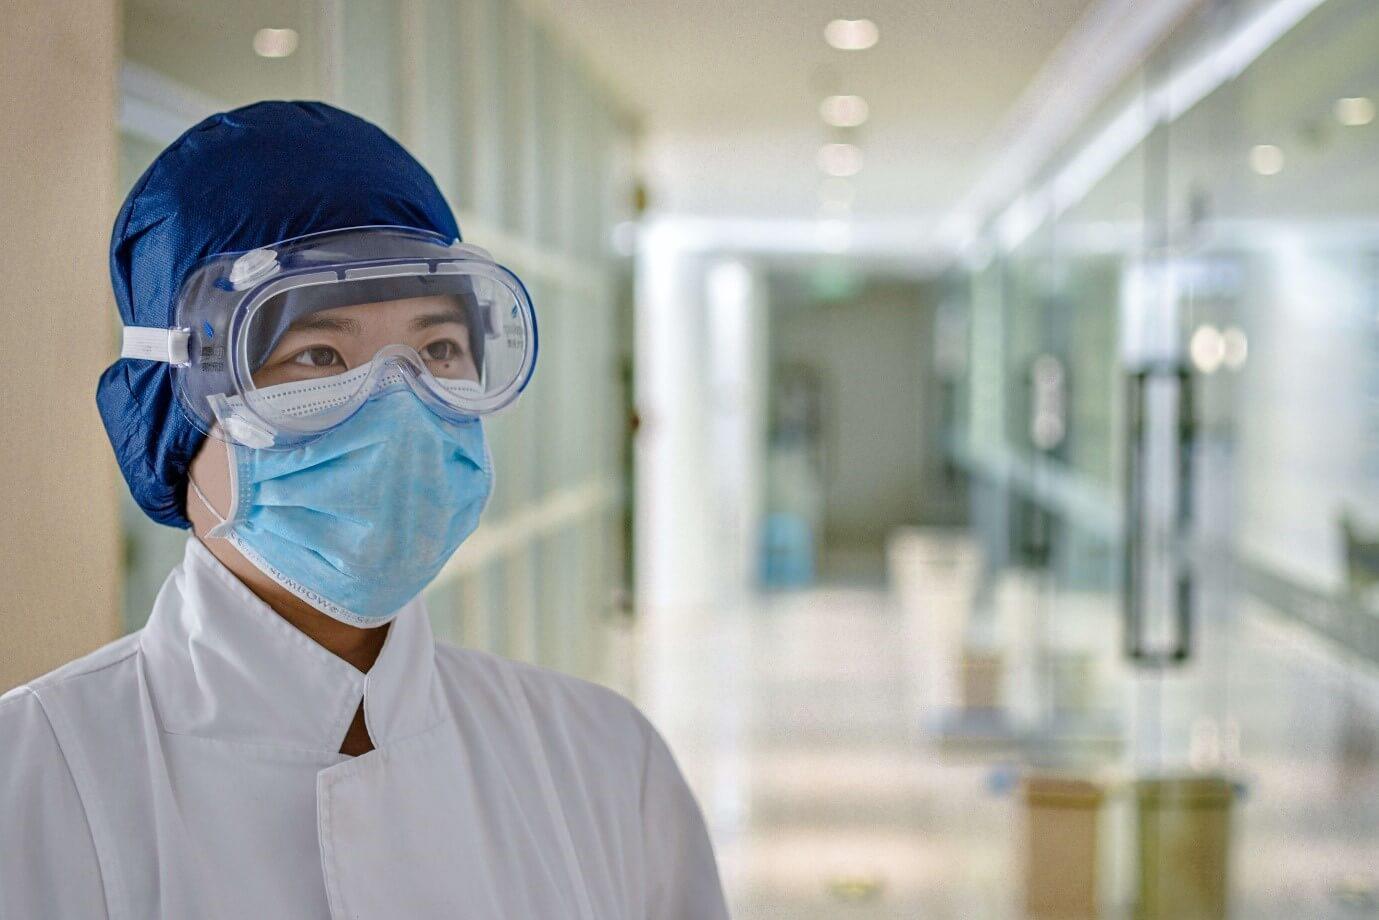 Fraude en línea por la pandemia de coronavirus